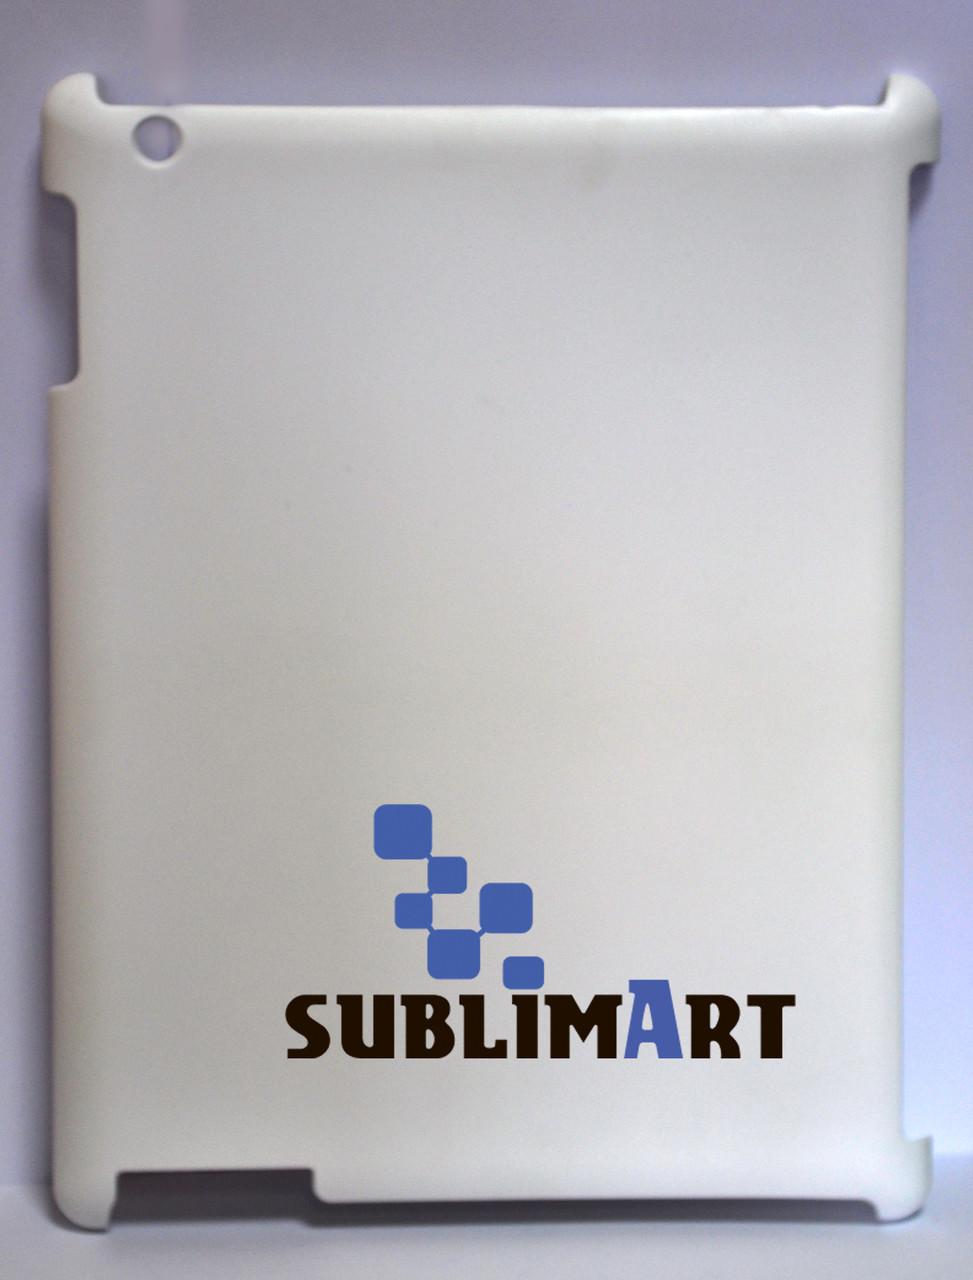 Чехол для 3D сублимации на планшете Ipad 2/3 глянец-мат